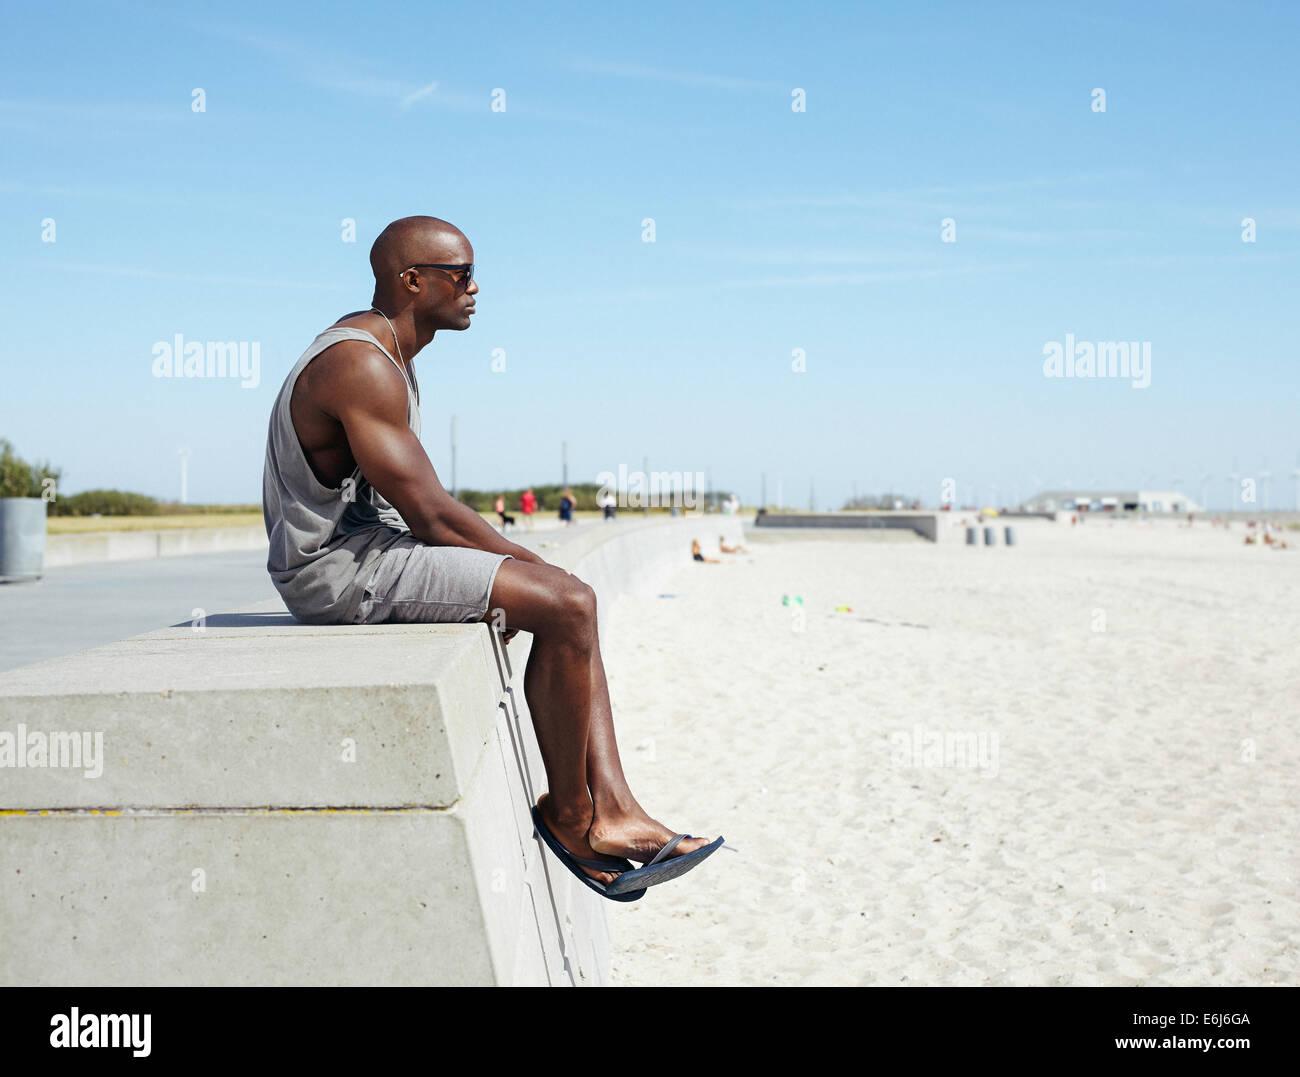 Vista laterale del giovane africano uomo seduto su un lungomare che guarda lontano. Afro Americano modello relax Immagini Stock